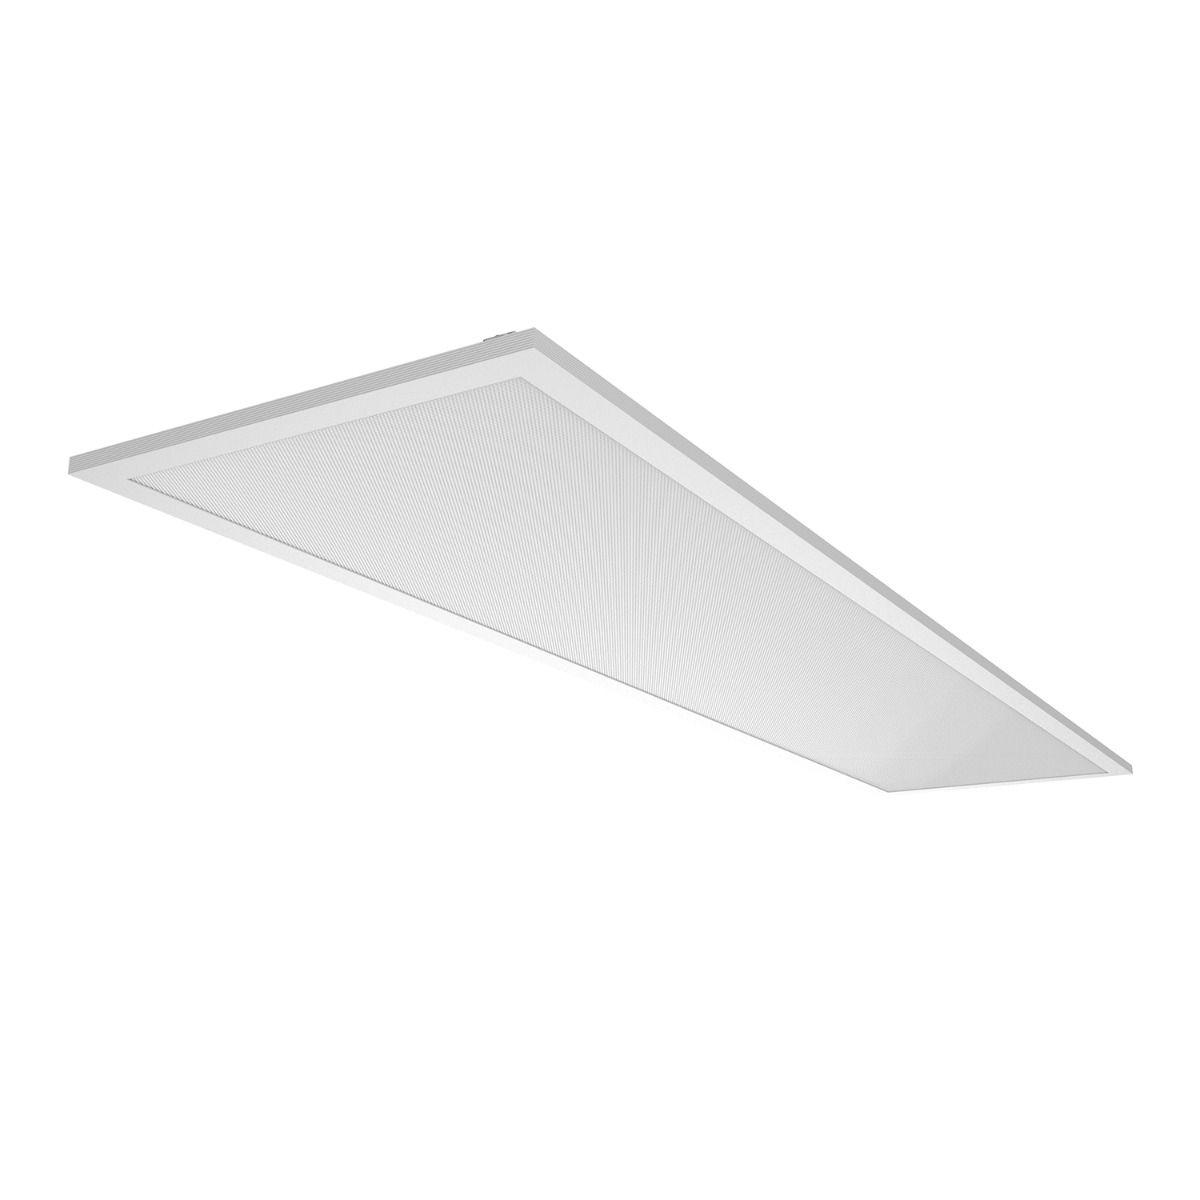 Noxion LED Panel Delta Pro V3 30W 3000K 3960lm 30x120cm UGR <19 | Replacer for 2x36W